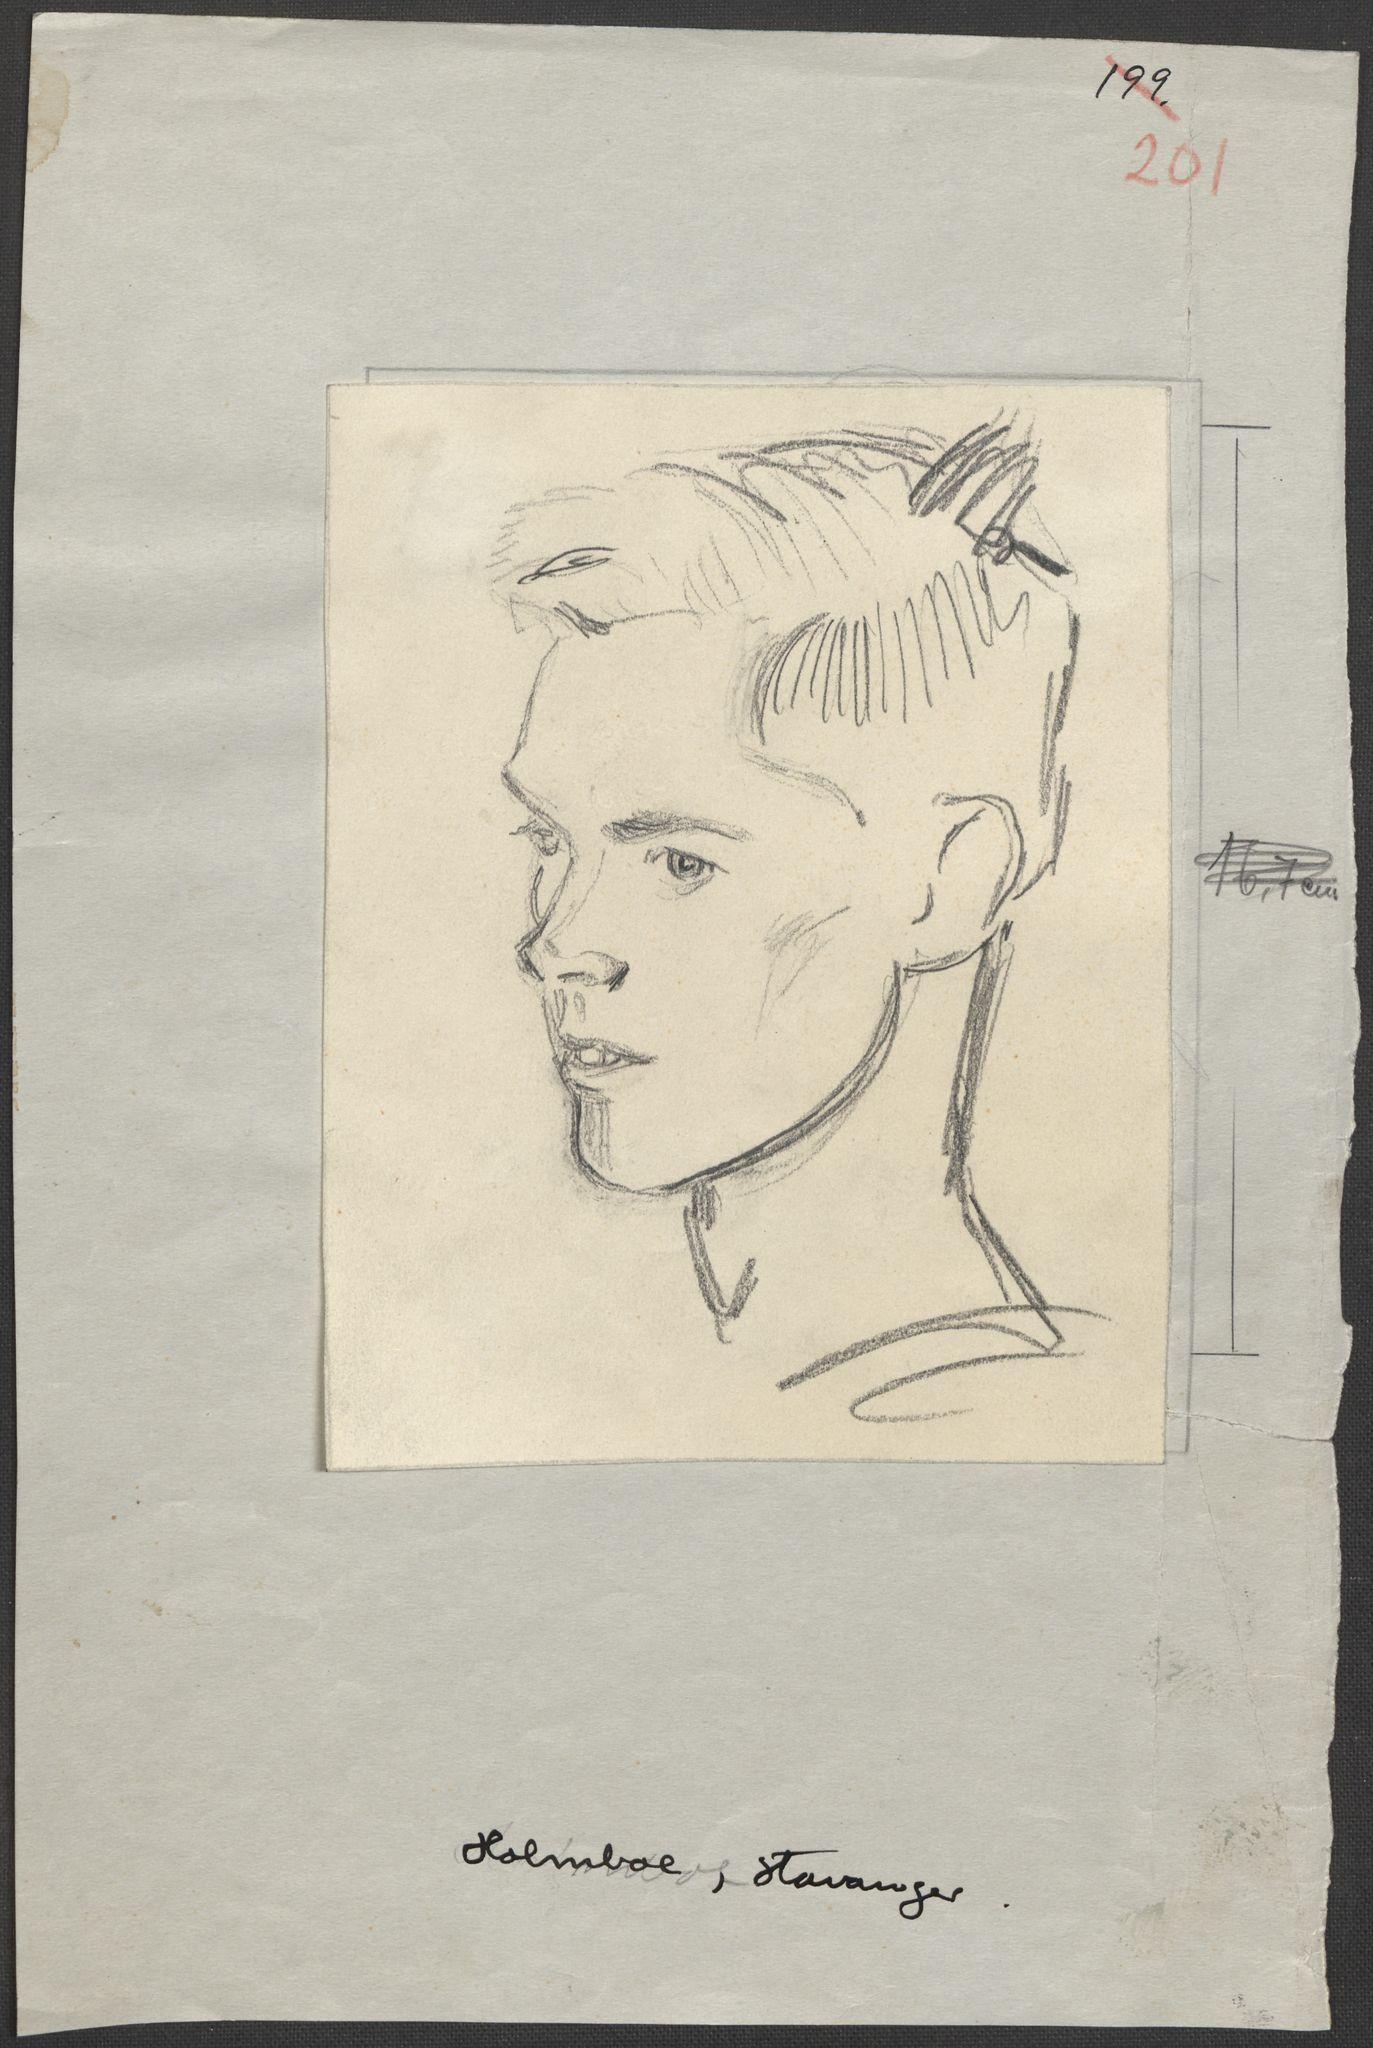 RA, Grøgaard, Joachim, F/L0002: Tegninger og tekster, 1942-1945, s. 95